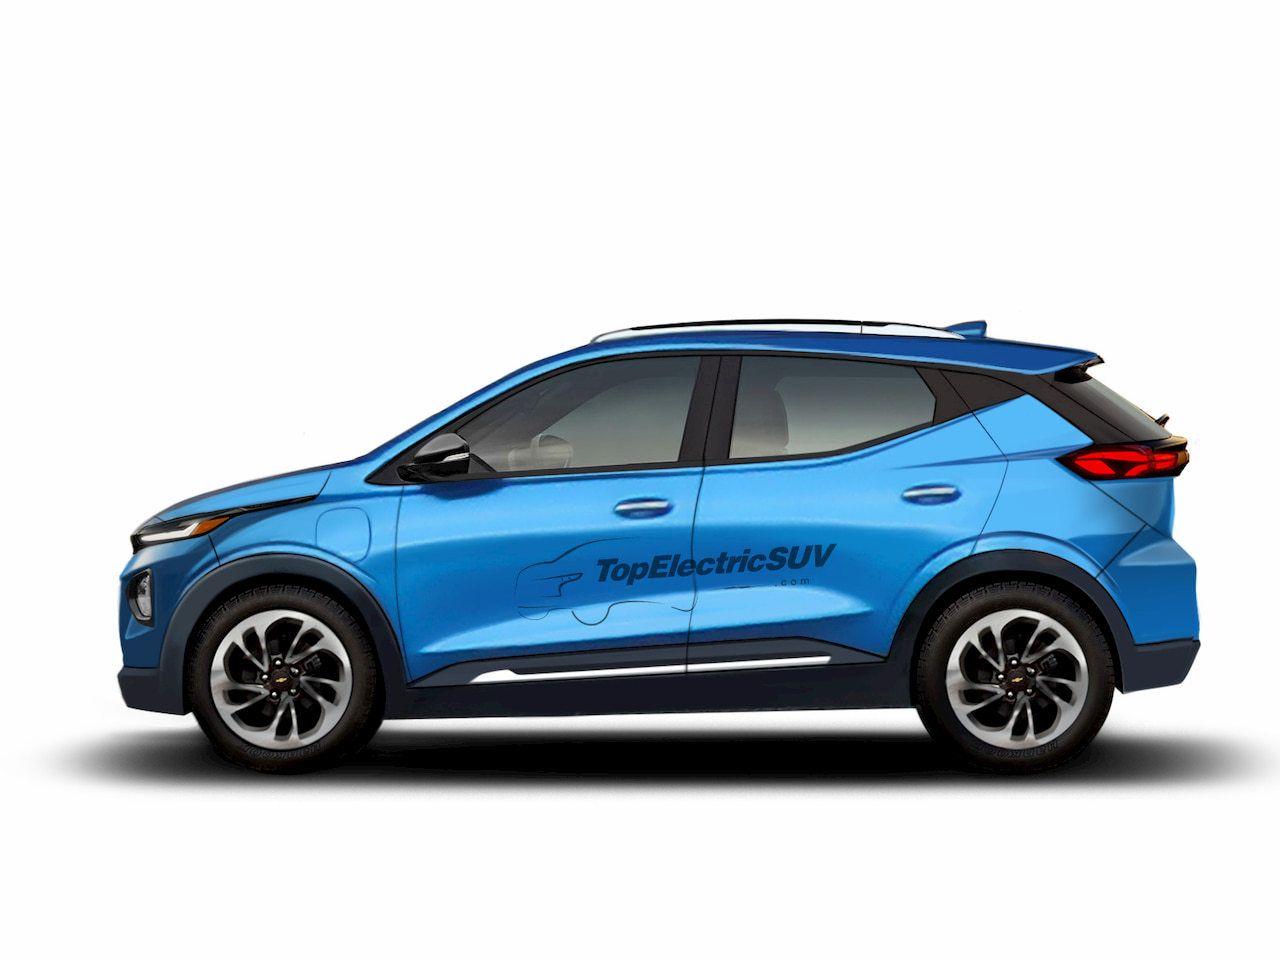 Este render destapa el aspecto del futuro Chevrolet Bolt EUV 2022